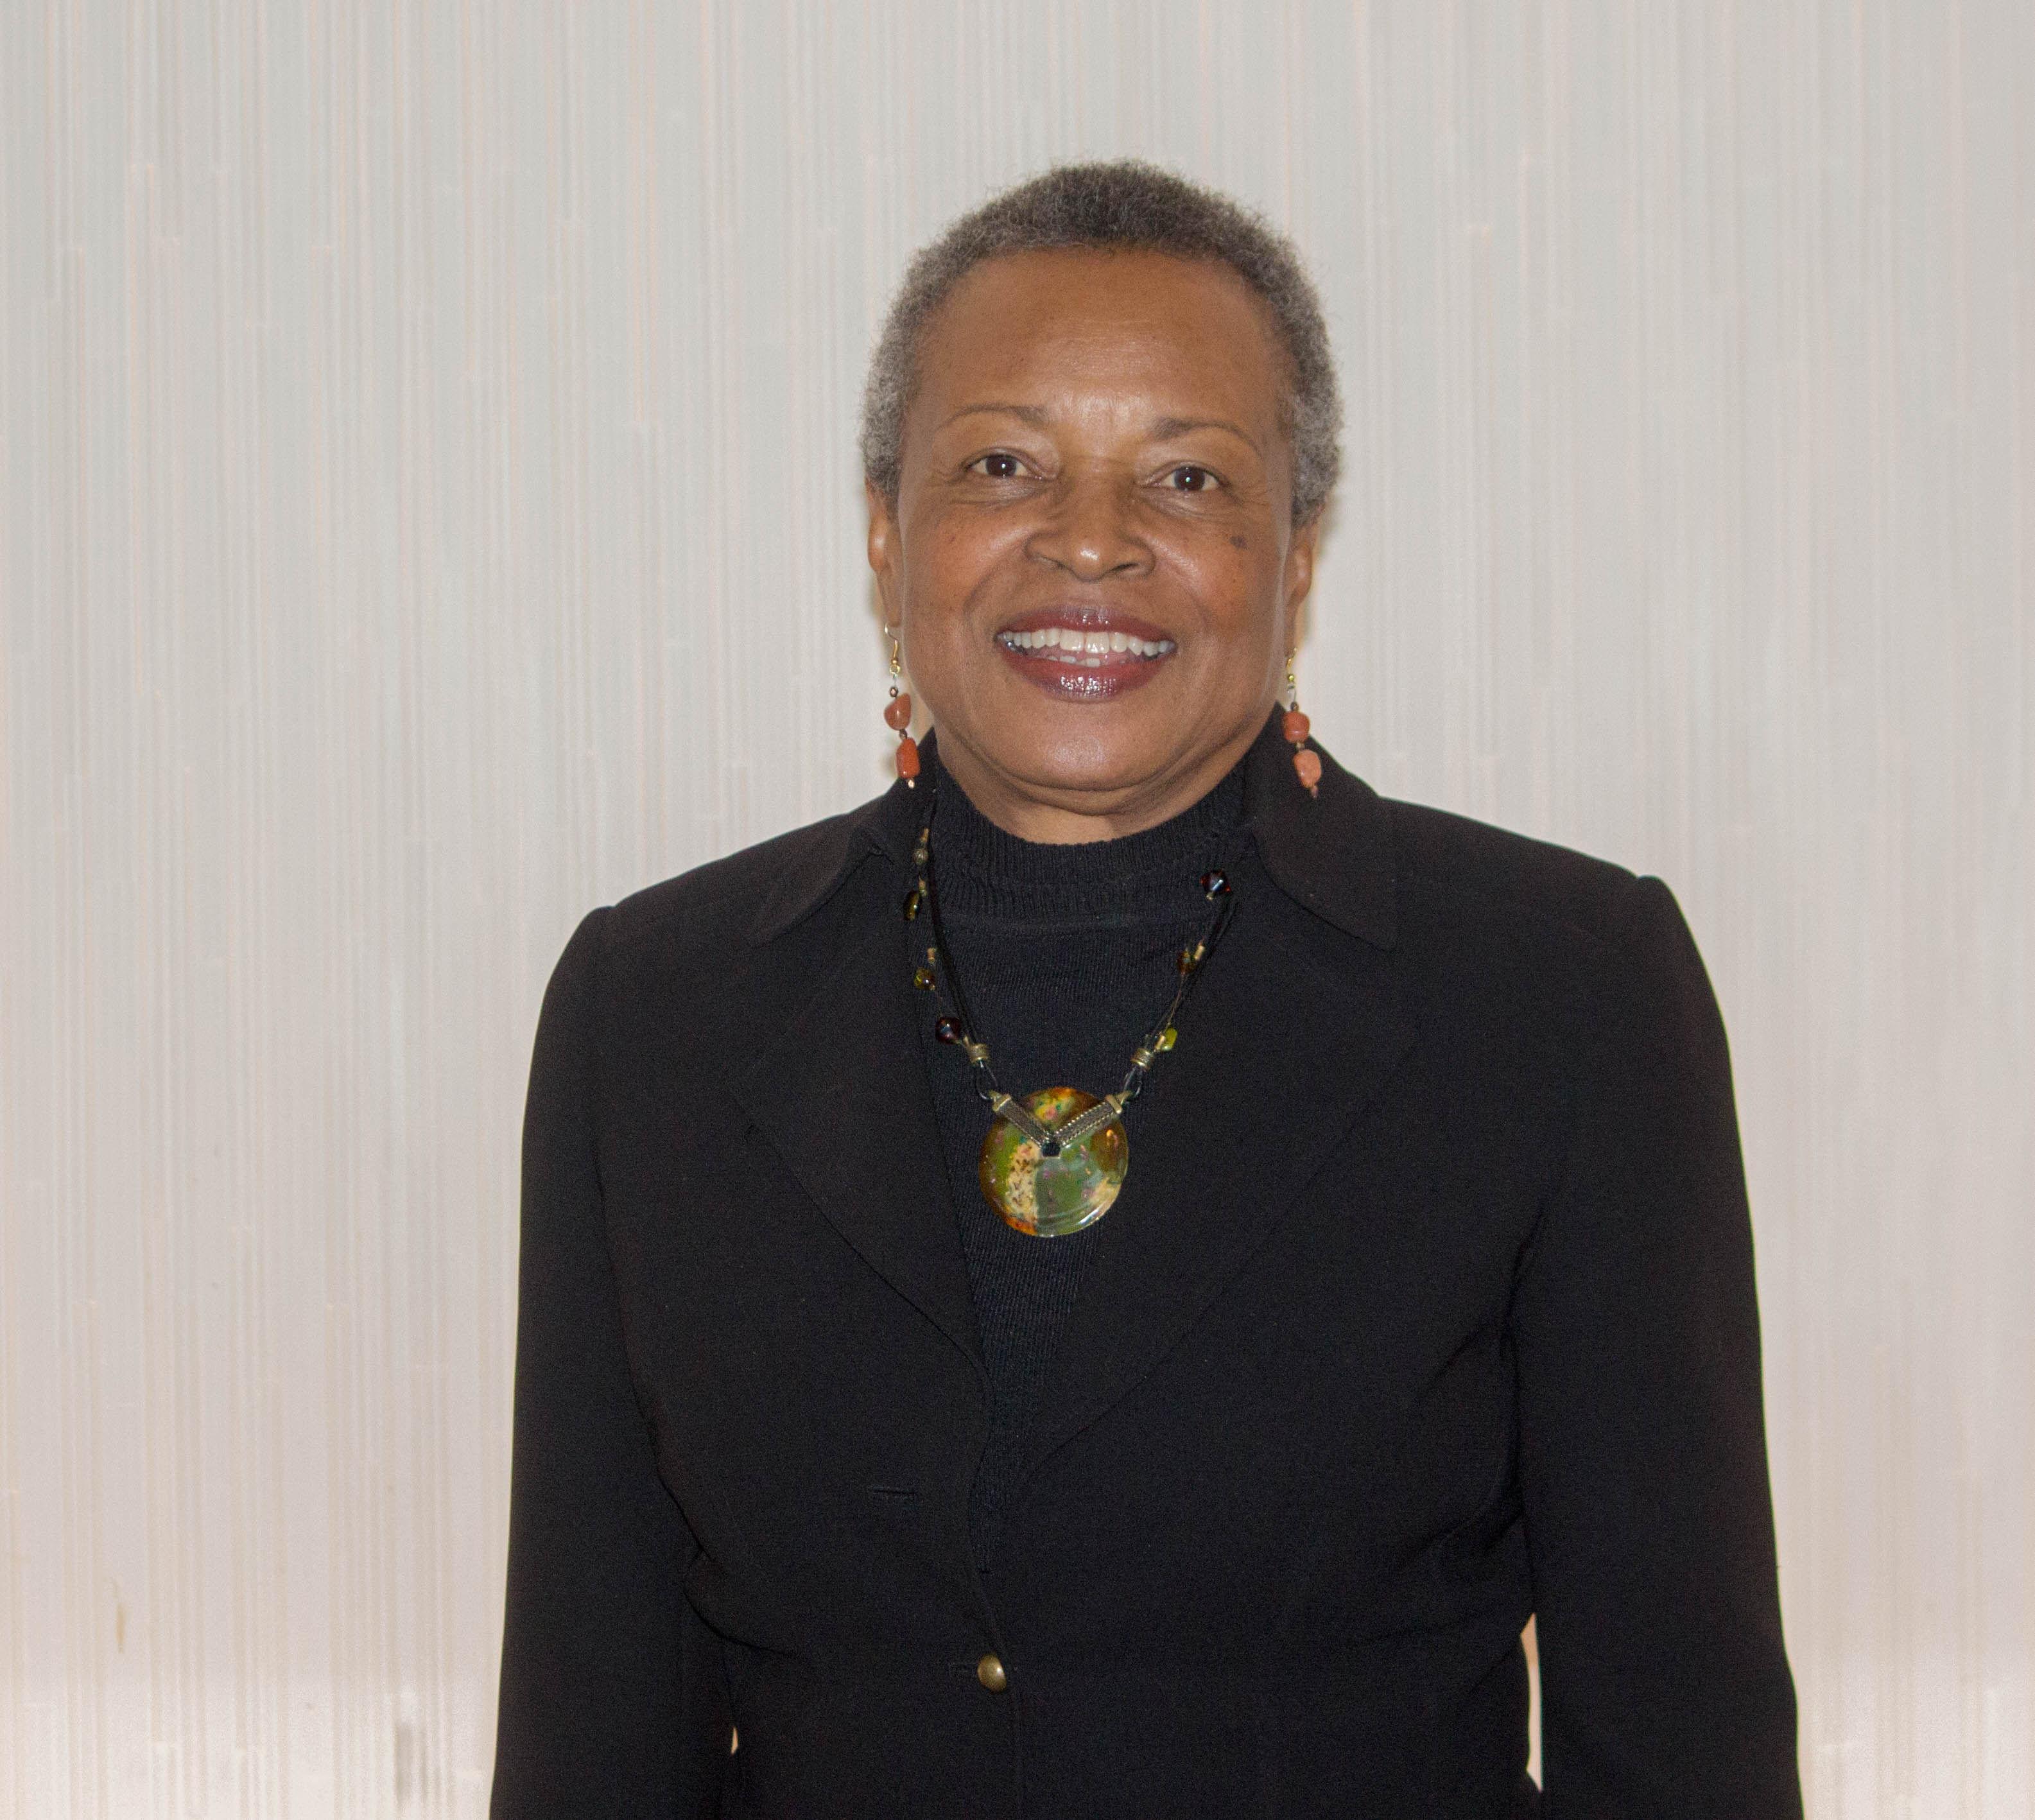 Royetta Sanford